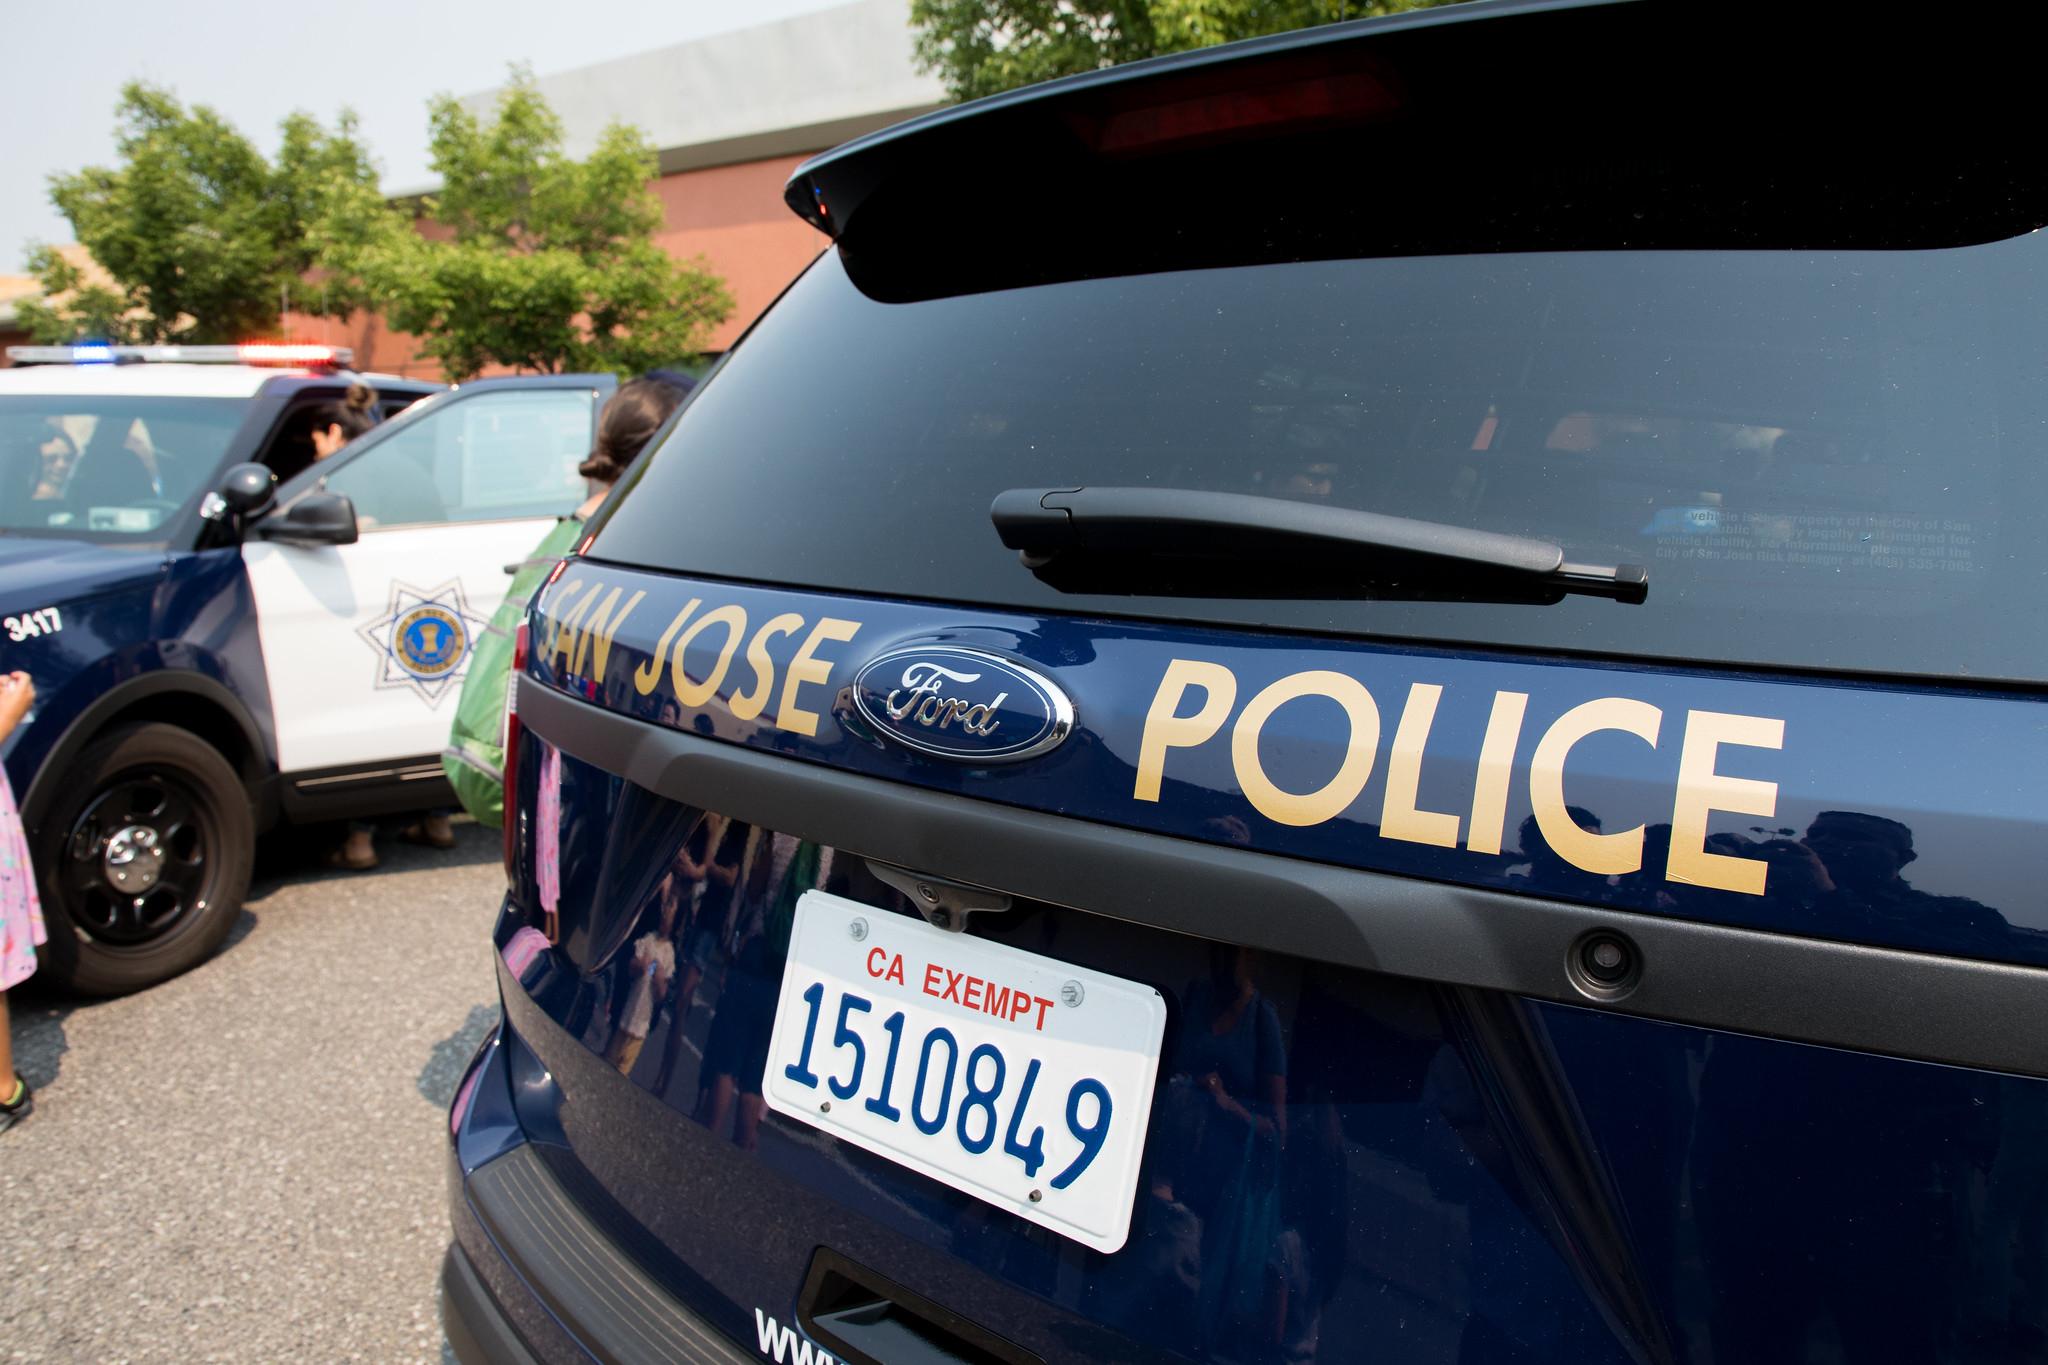 Top San Jose news: Man dies from gunshot wound